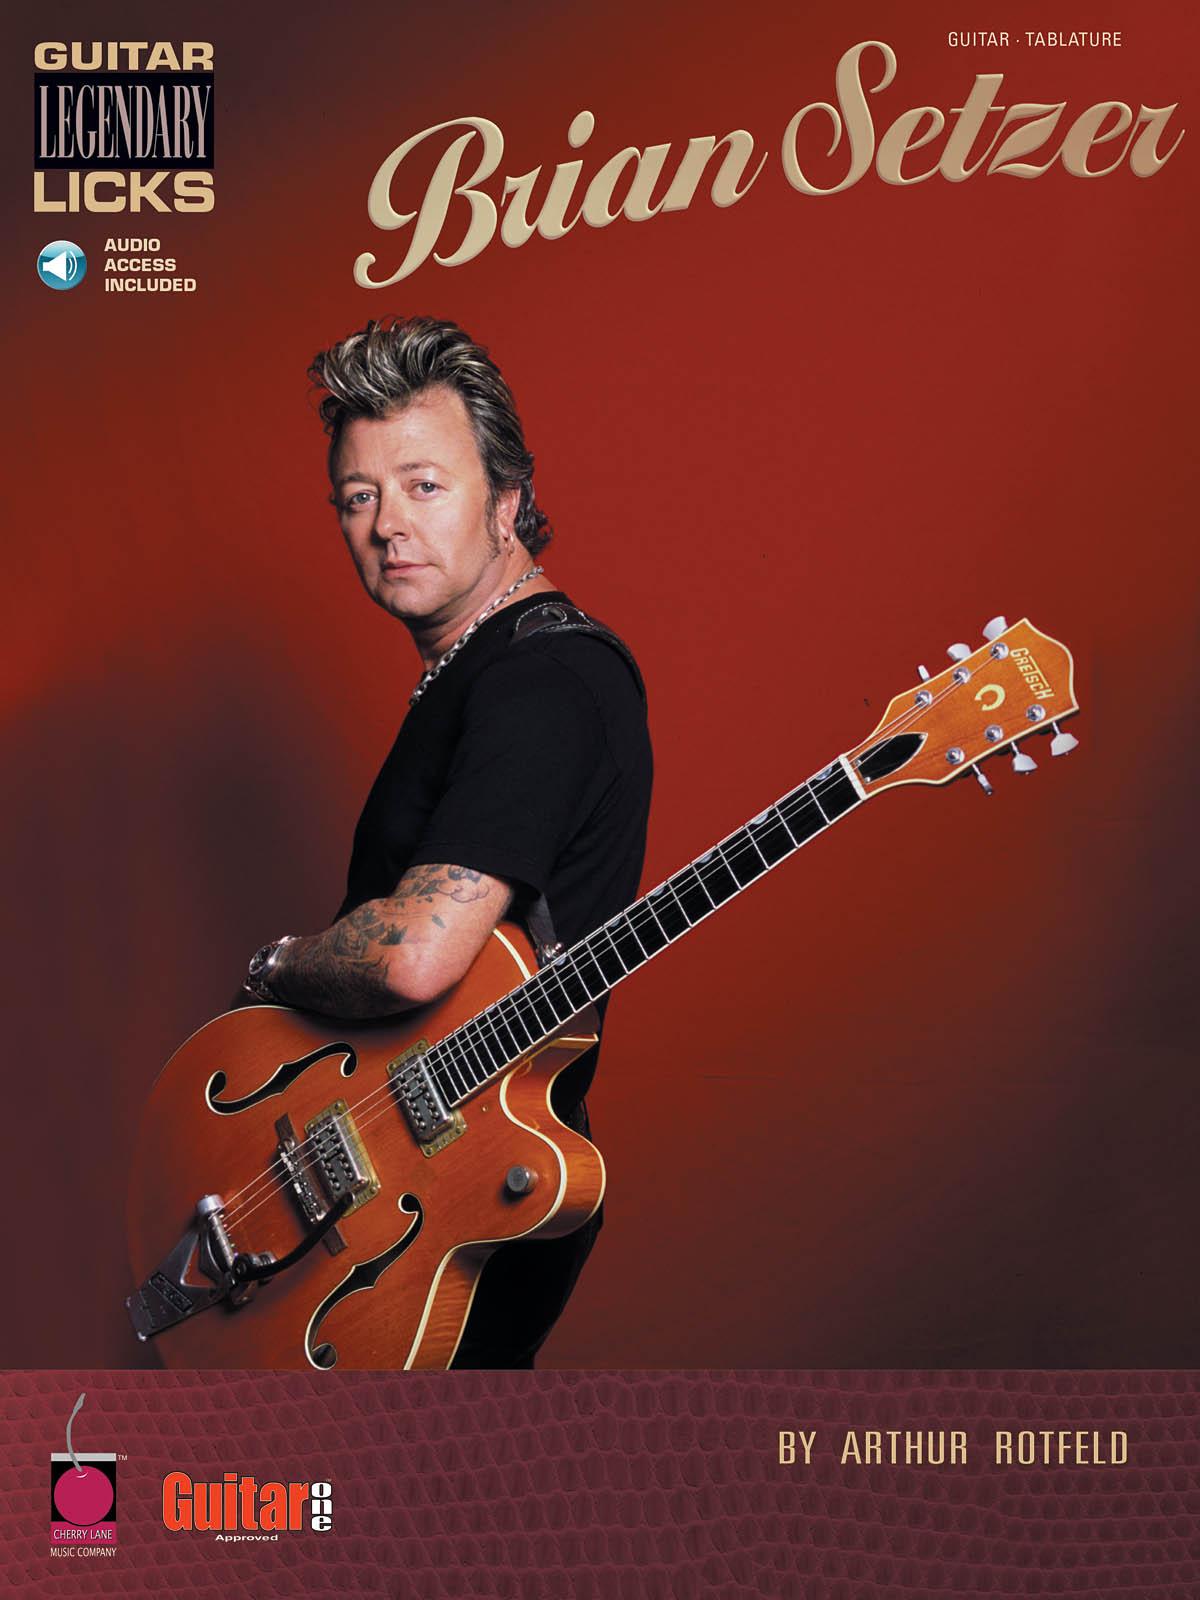 Arthur Rotfeld: Brian Setzer - Guitar Legenda Licks: Guitar Solo: Instrumental